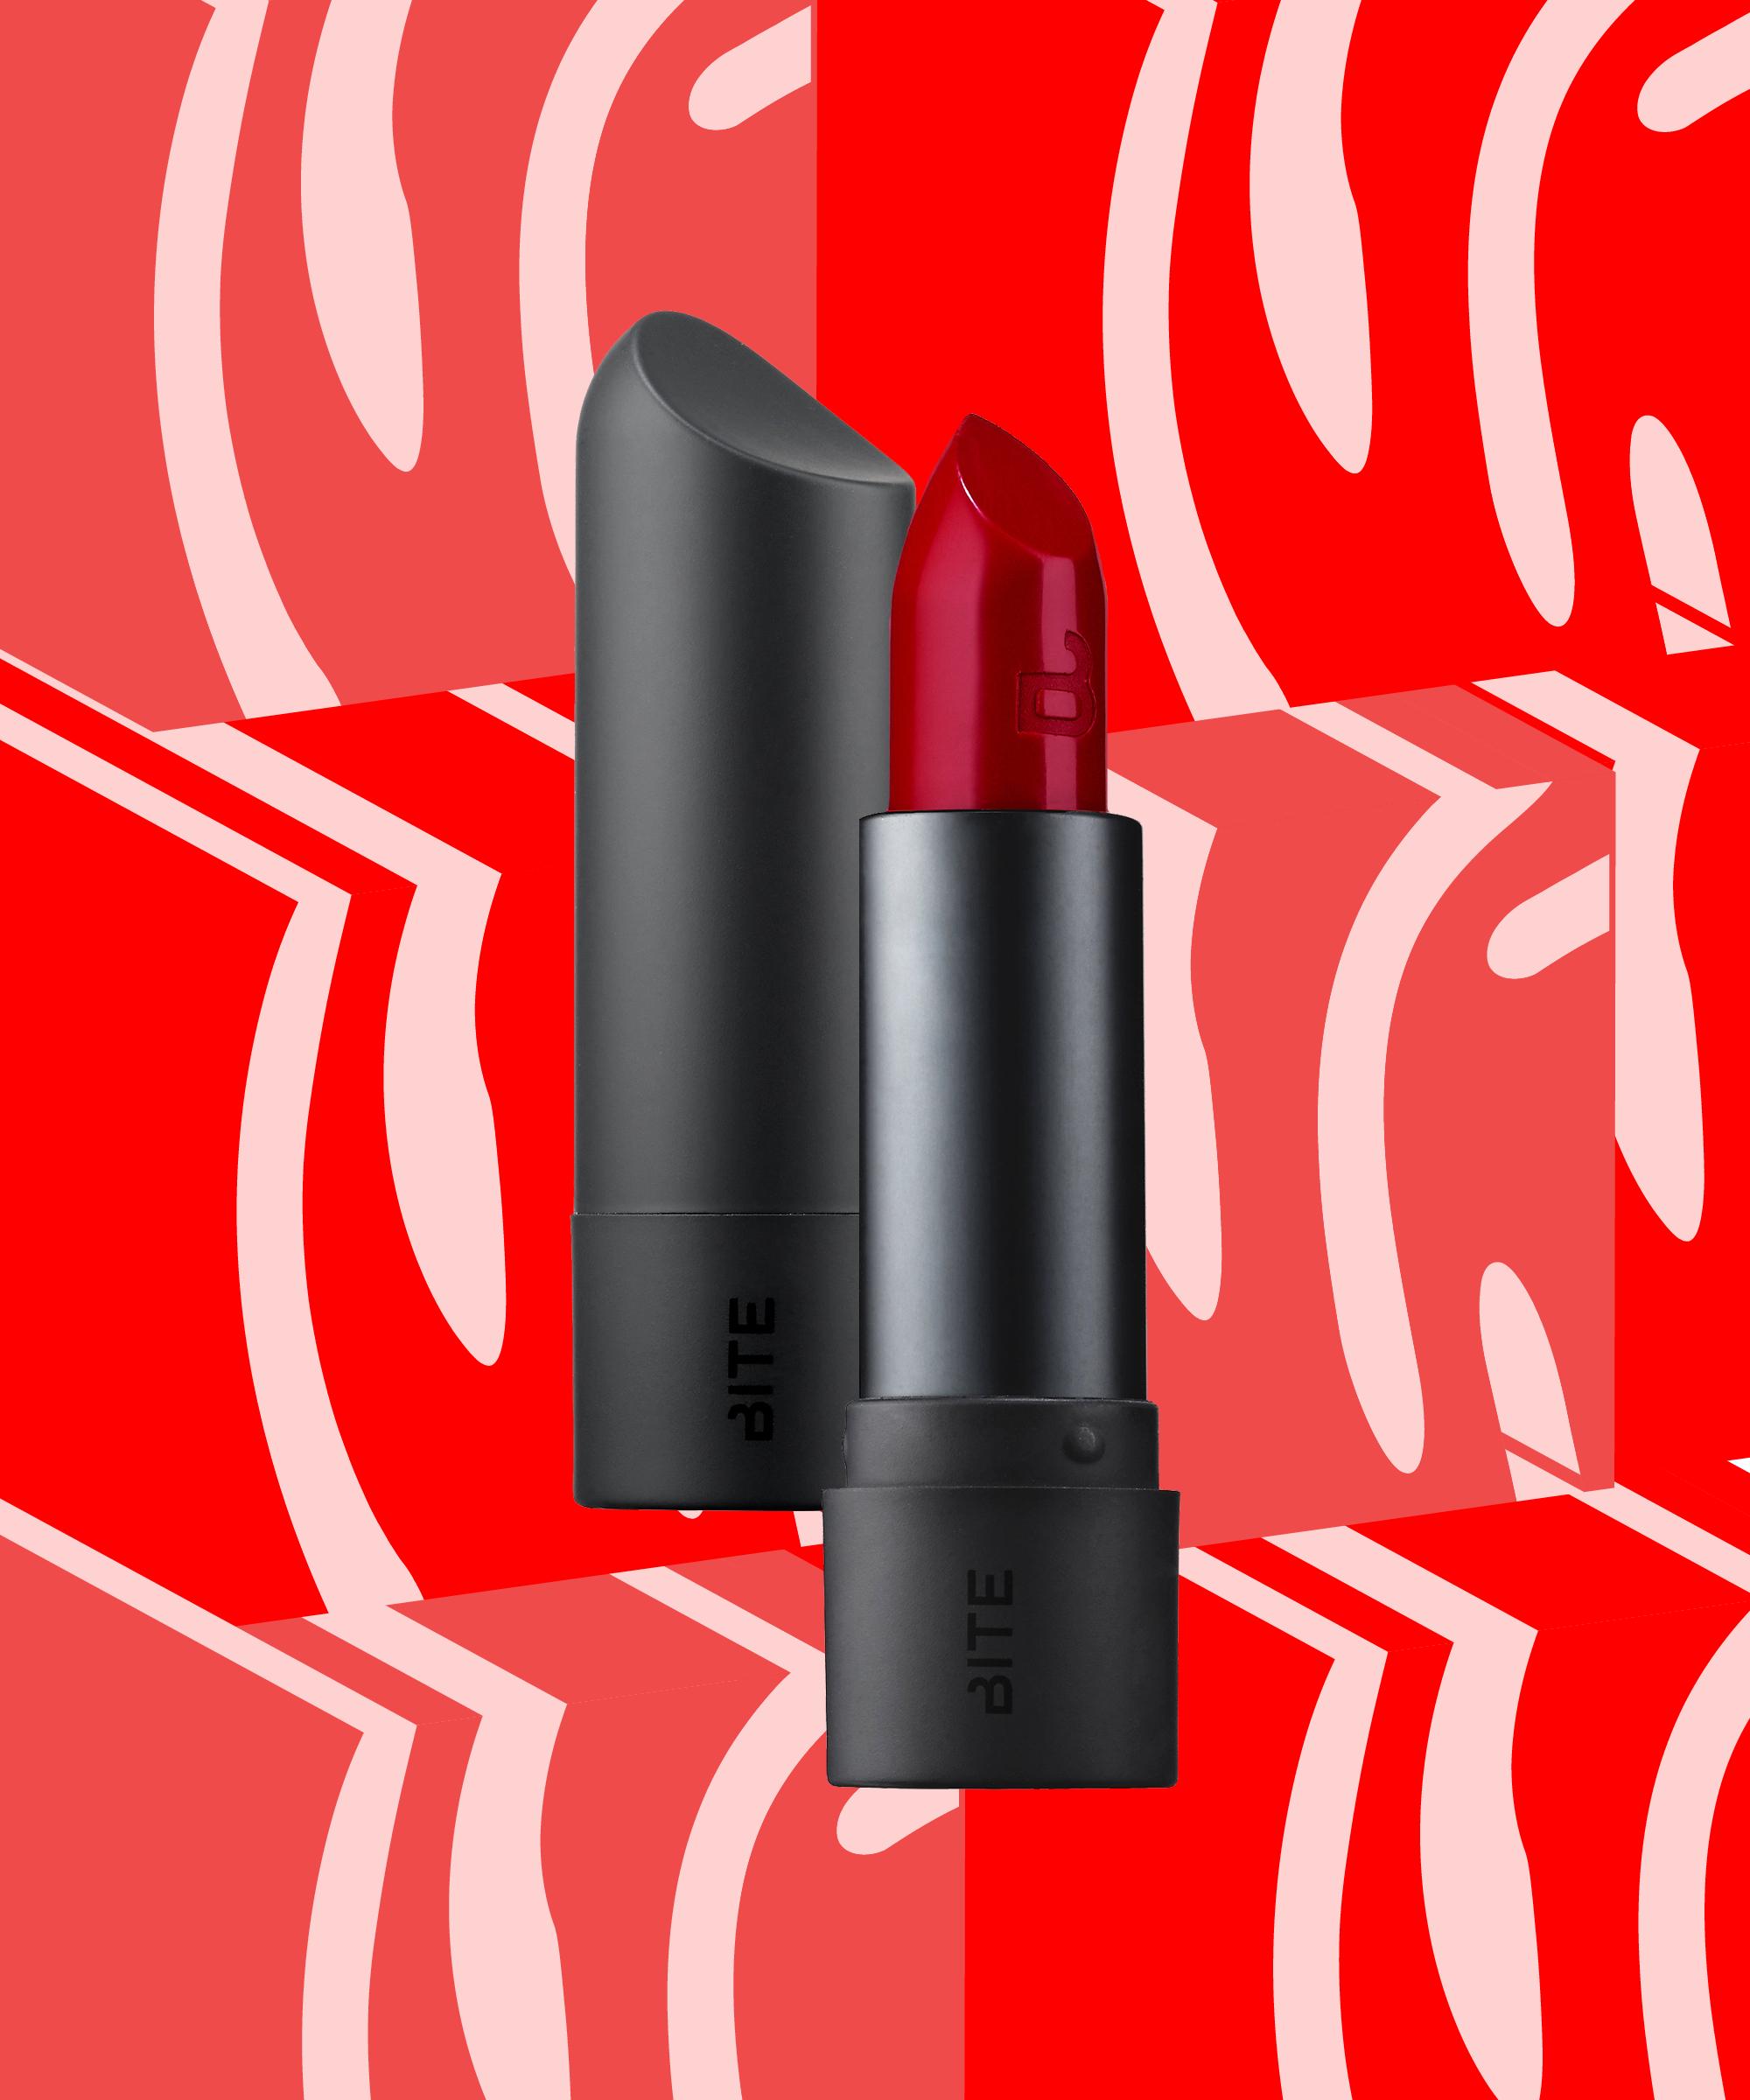 Sephora CrueltyFree Brand List (2020) Women essentials